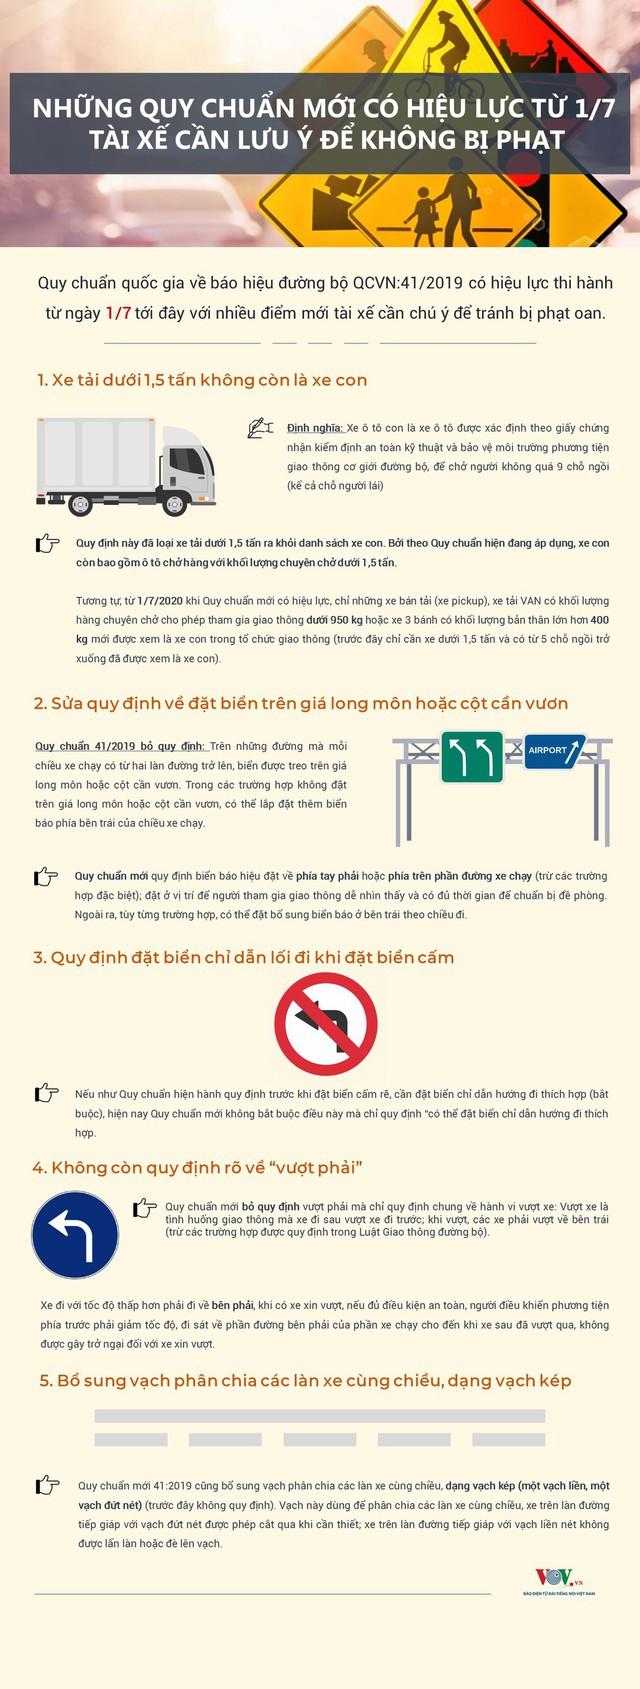 Nhiều quy chuẩn mới có hiệu lực, tài xế cần lưu ý để không bị phạt - Ảnh 1.